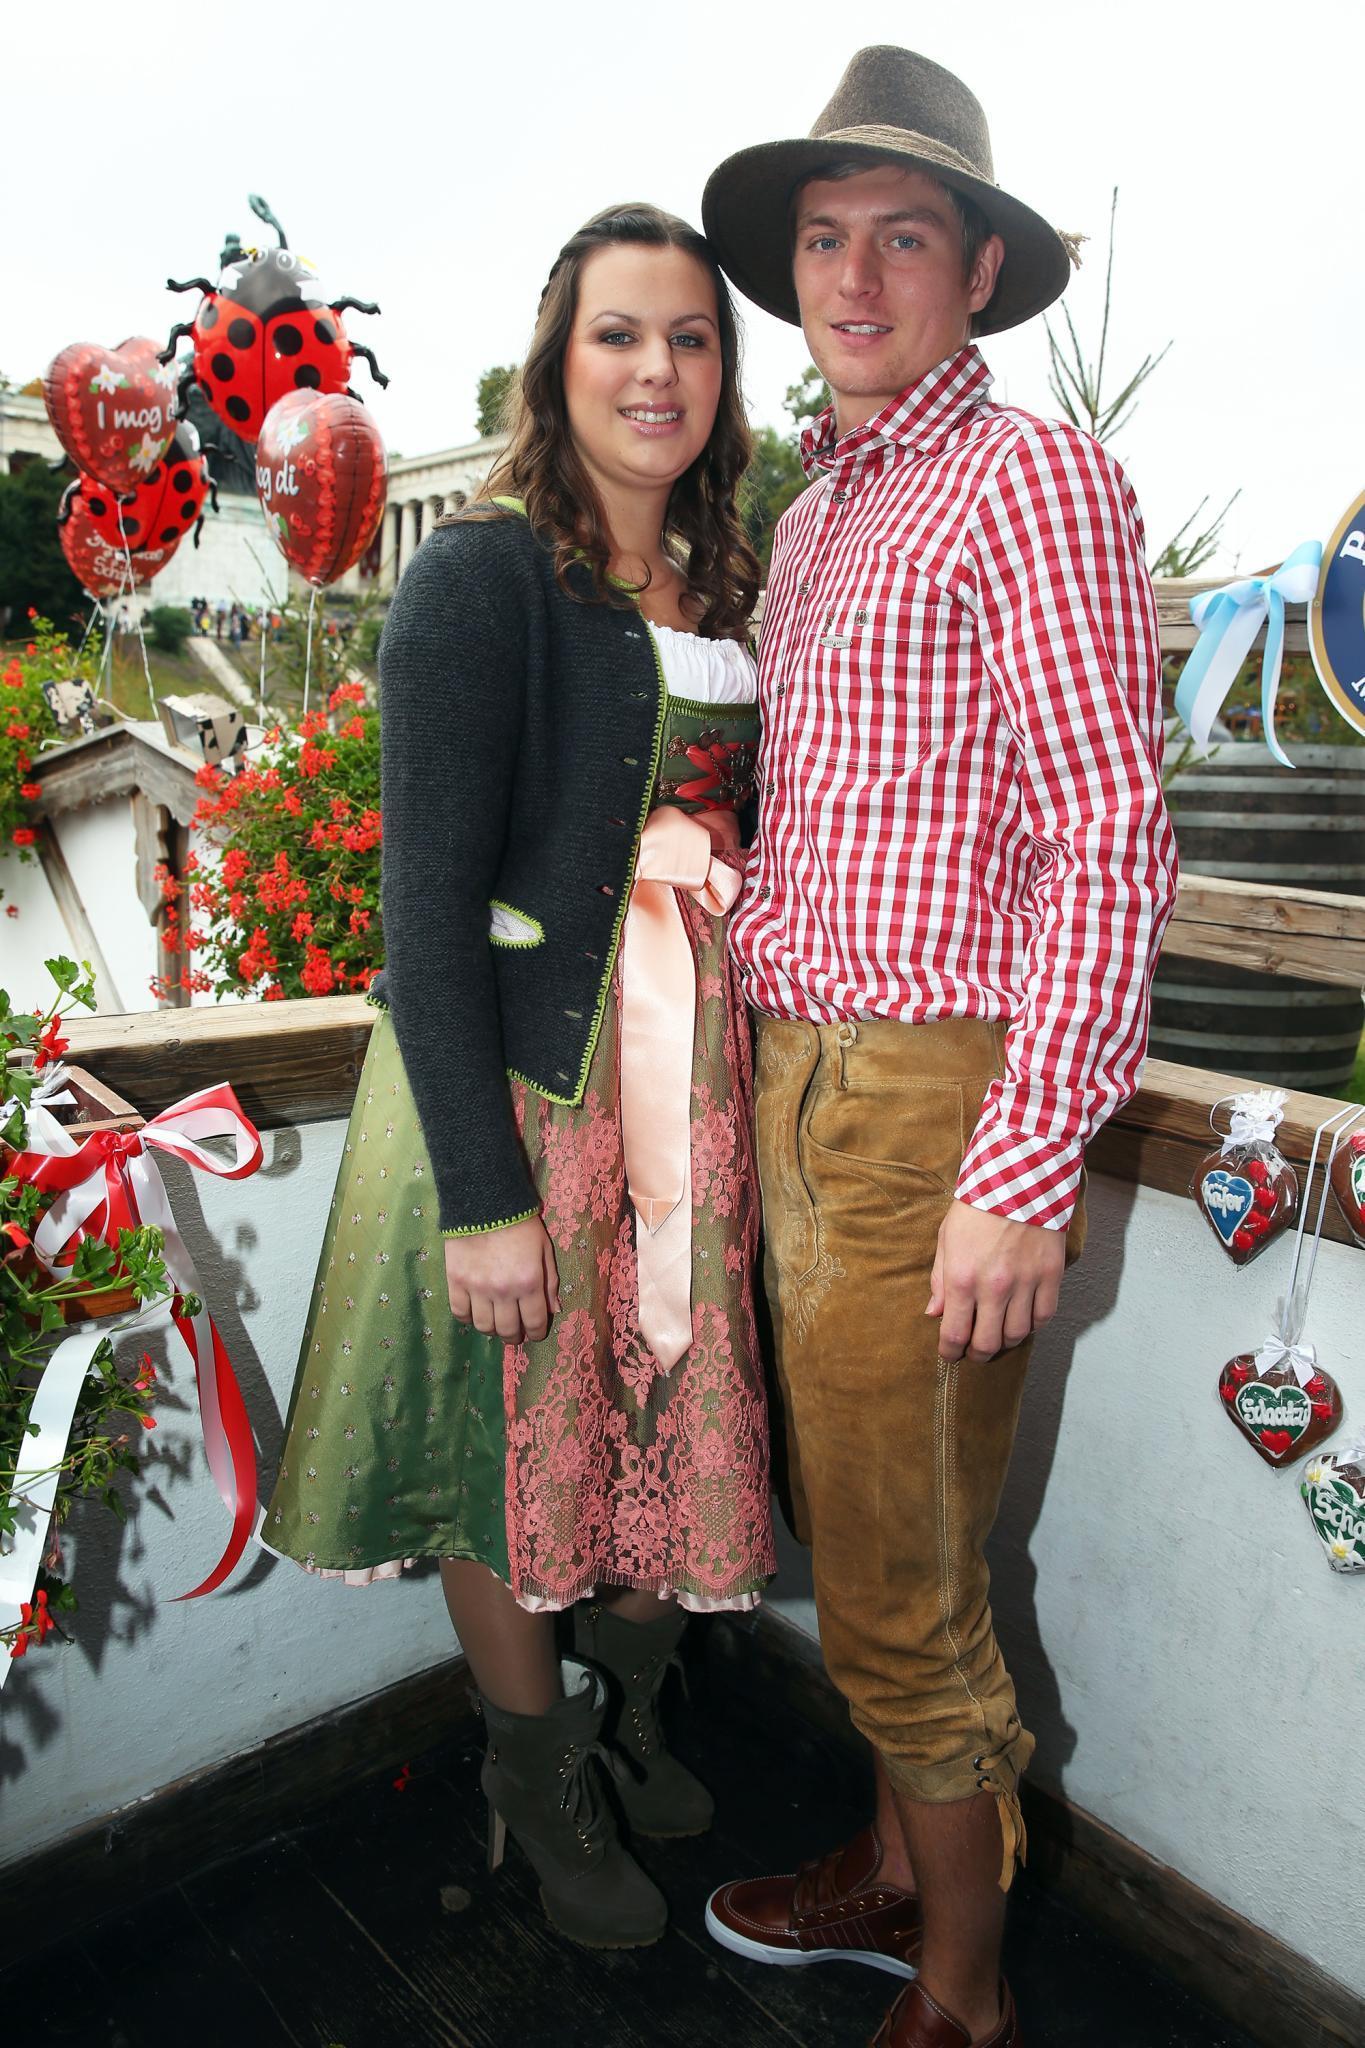 """Auf seiner Website schreibt Toni Kroos: """"Meine Freundin Jessica und ich sind seit 2008 zusammen. Sie ist die größte Unterstützung außerhalb des Fußballs und ein wichtiger Rückhalt für mich."""" Das Paar hat einen Sohn namens Leon."""